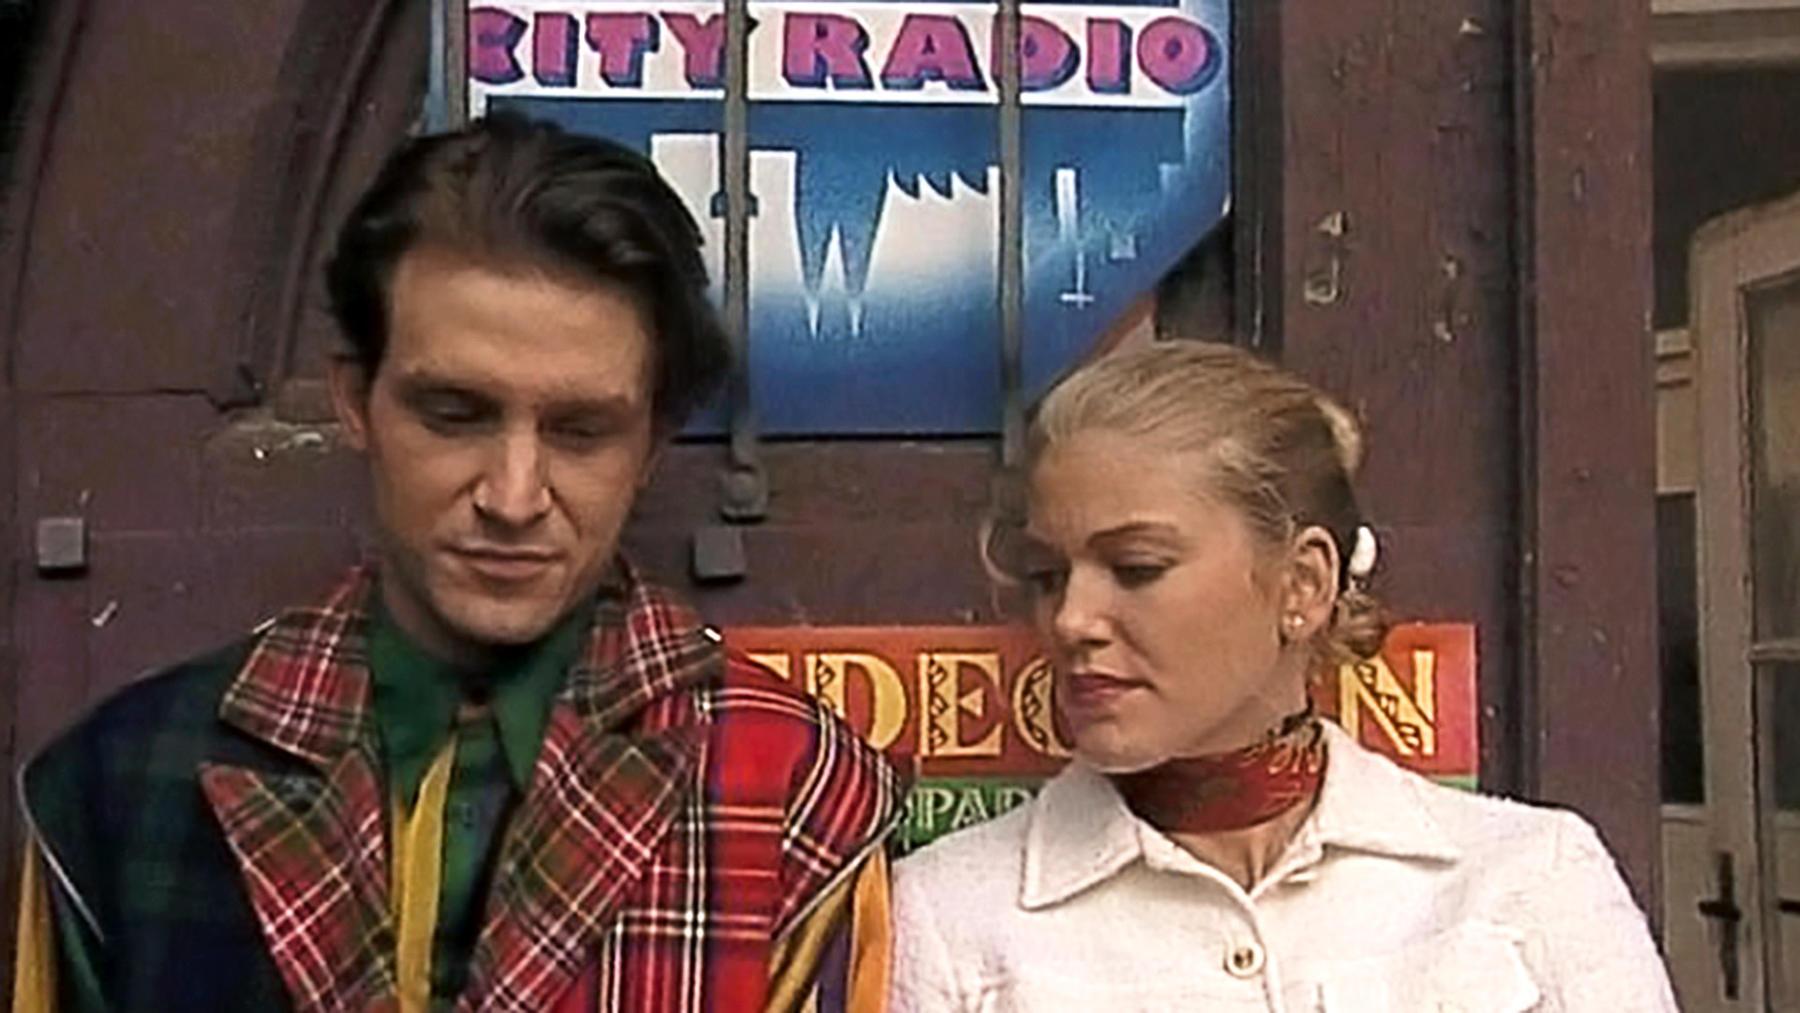 Das Ende von City Radio?